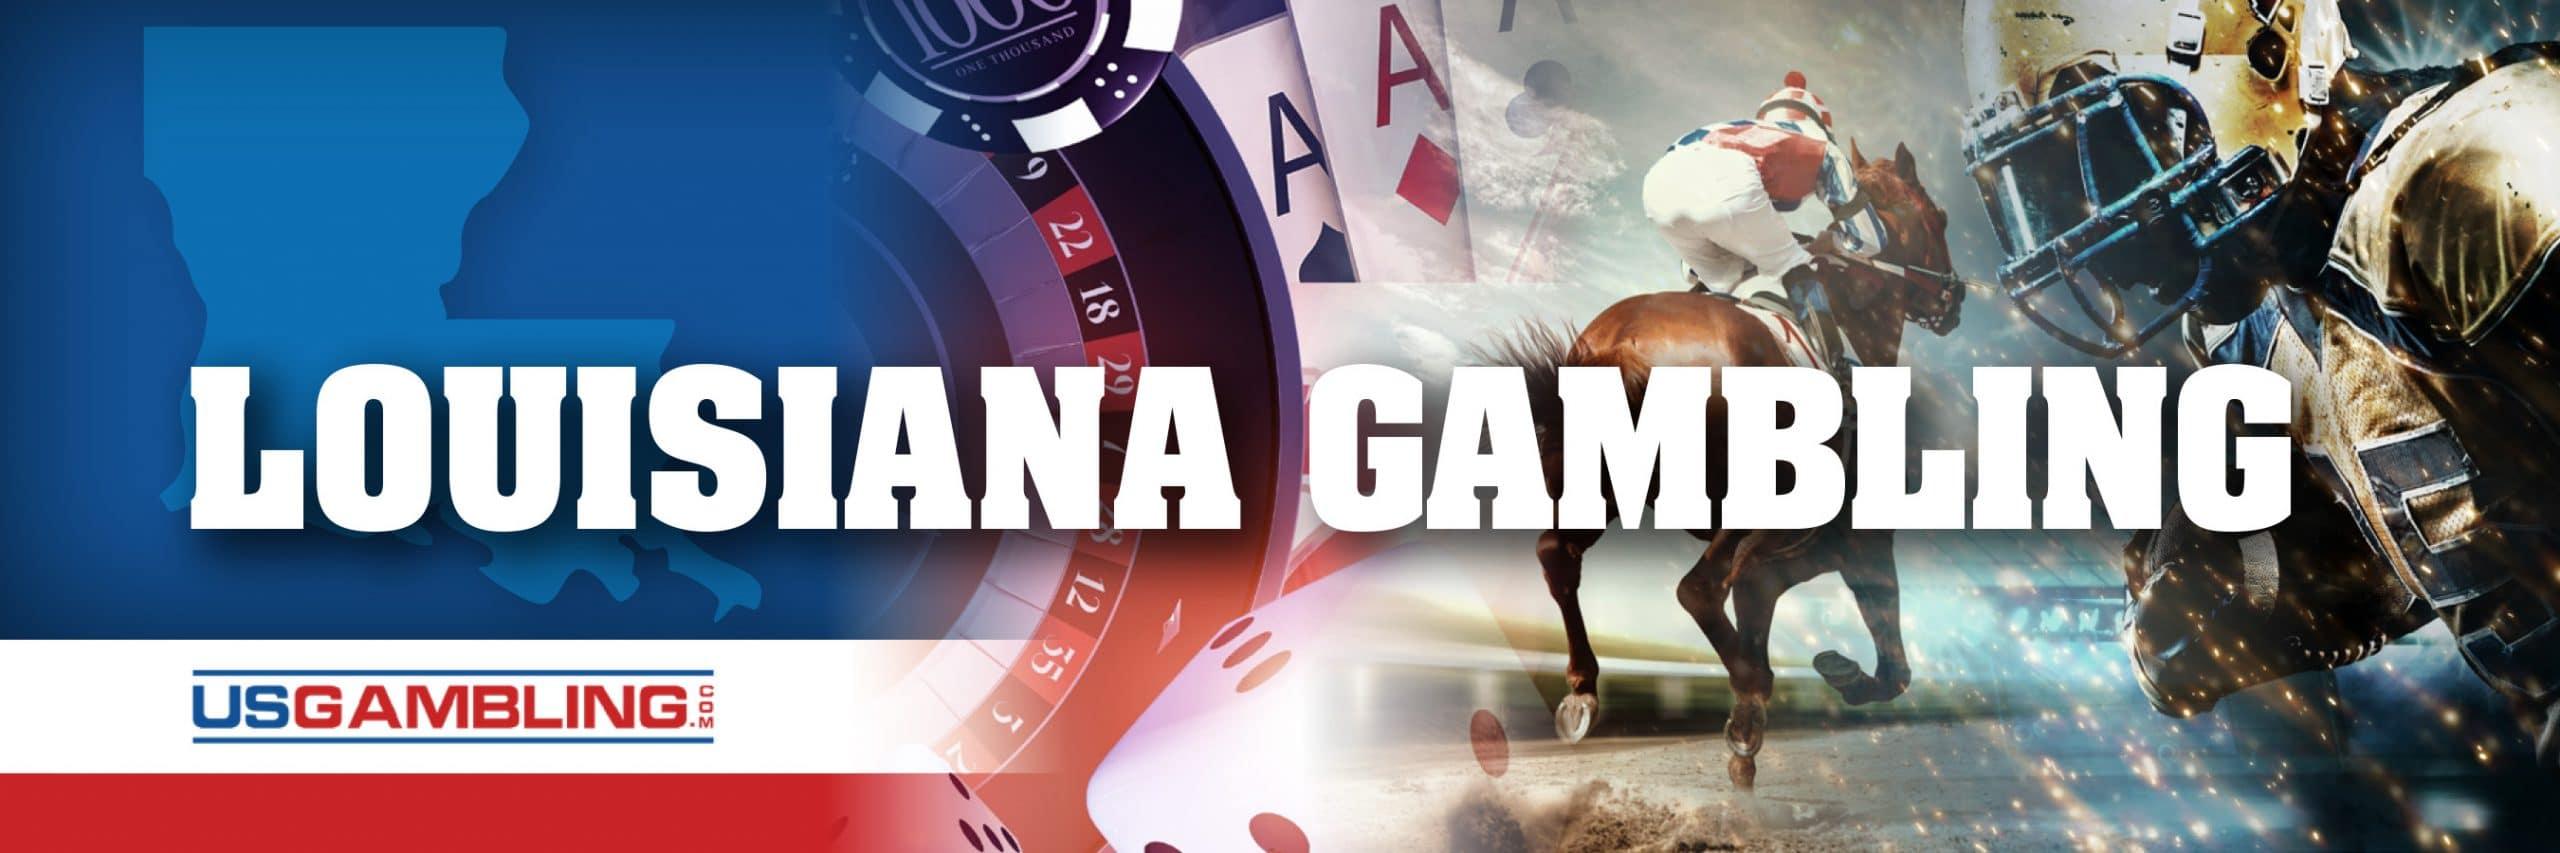 Legal Louisiana Gambling